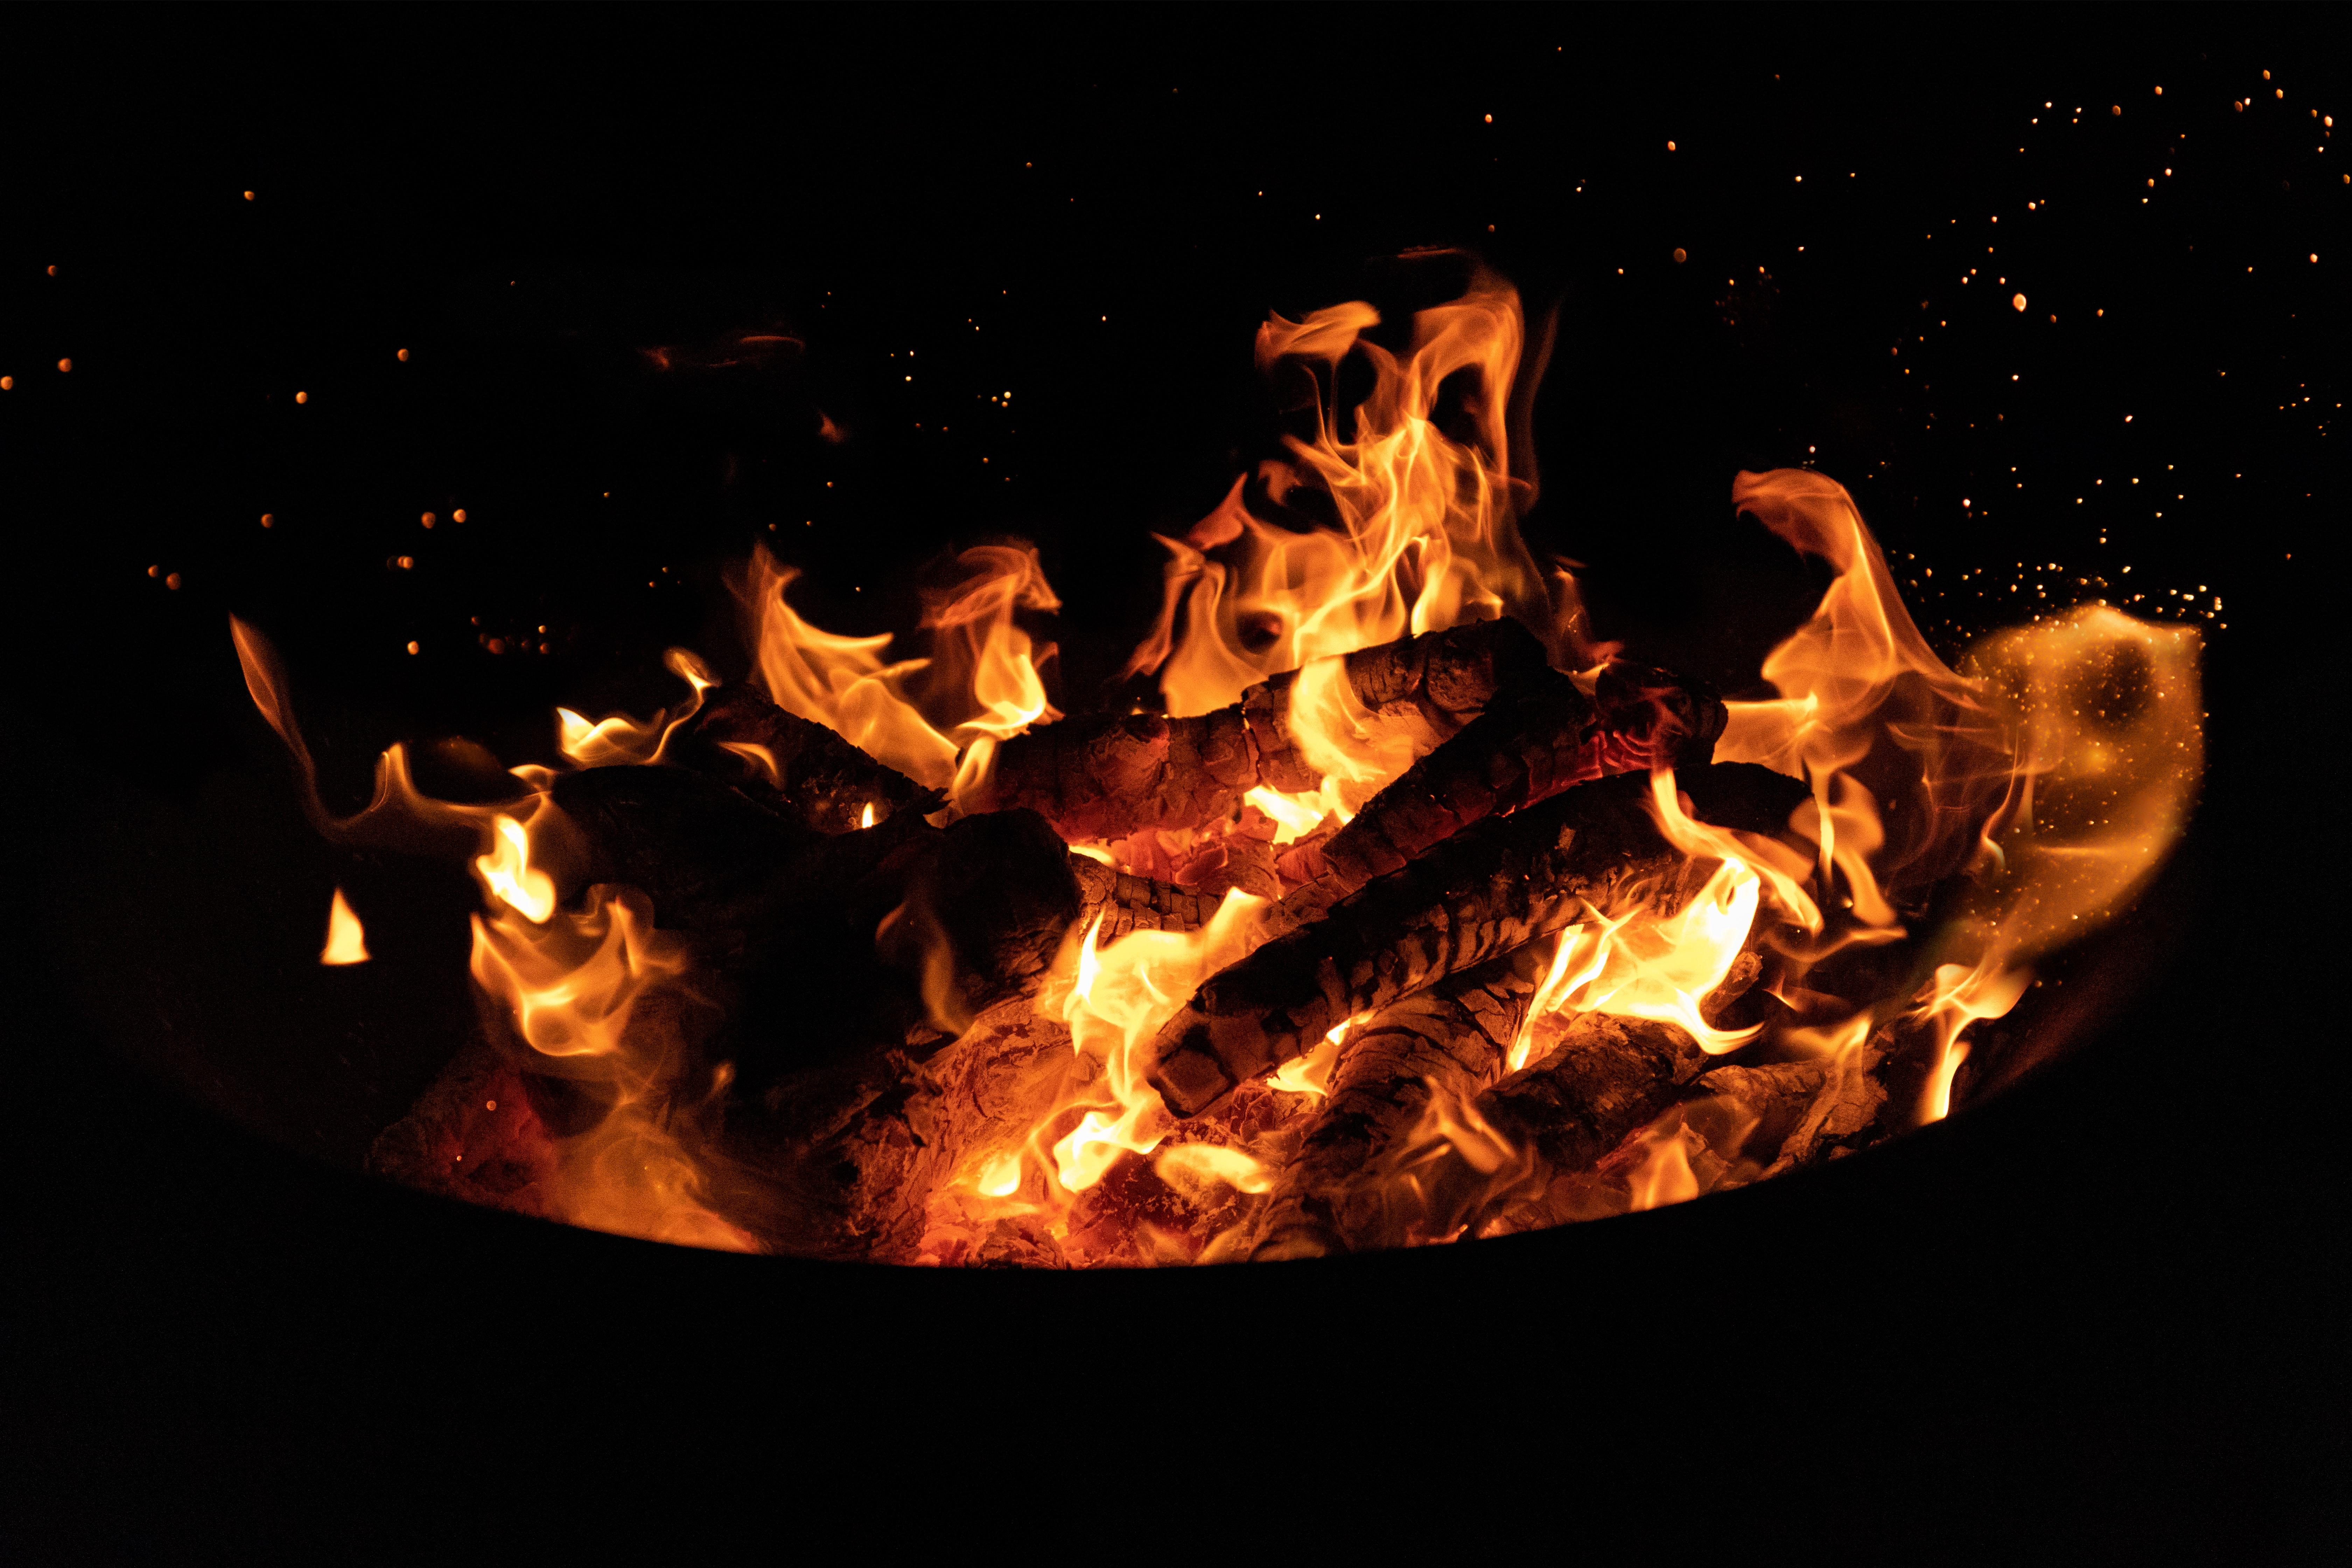 118107 免費下載壁紙 黑暗的, 黑暗, 火焰, 火花, 火, 深色 屏保和圖片